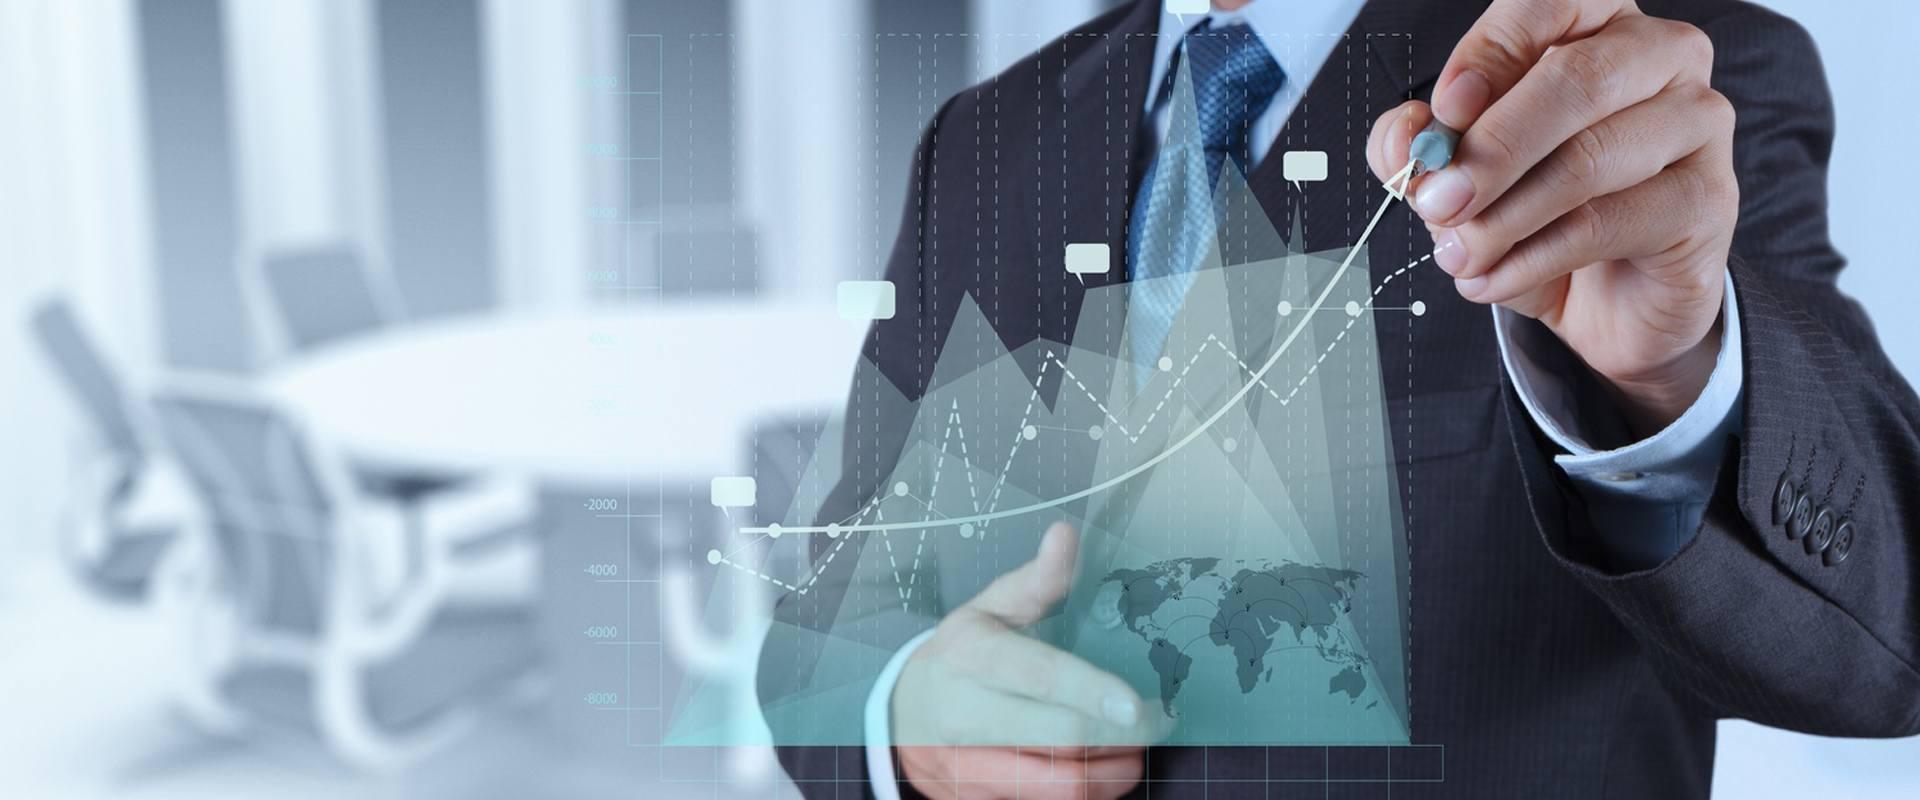 Nilai kekayaan CV dan keuntungan per tahun - 5 Hal yang Perlu Dipertimbangkan Saat Merancang Biaya Pembuatan CV Perusahaan - hospitalitymarketplace.co.za